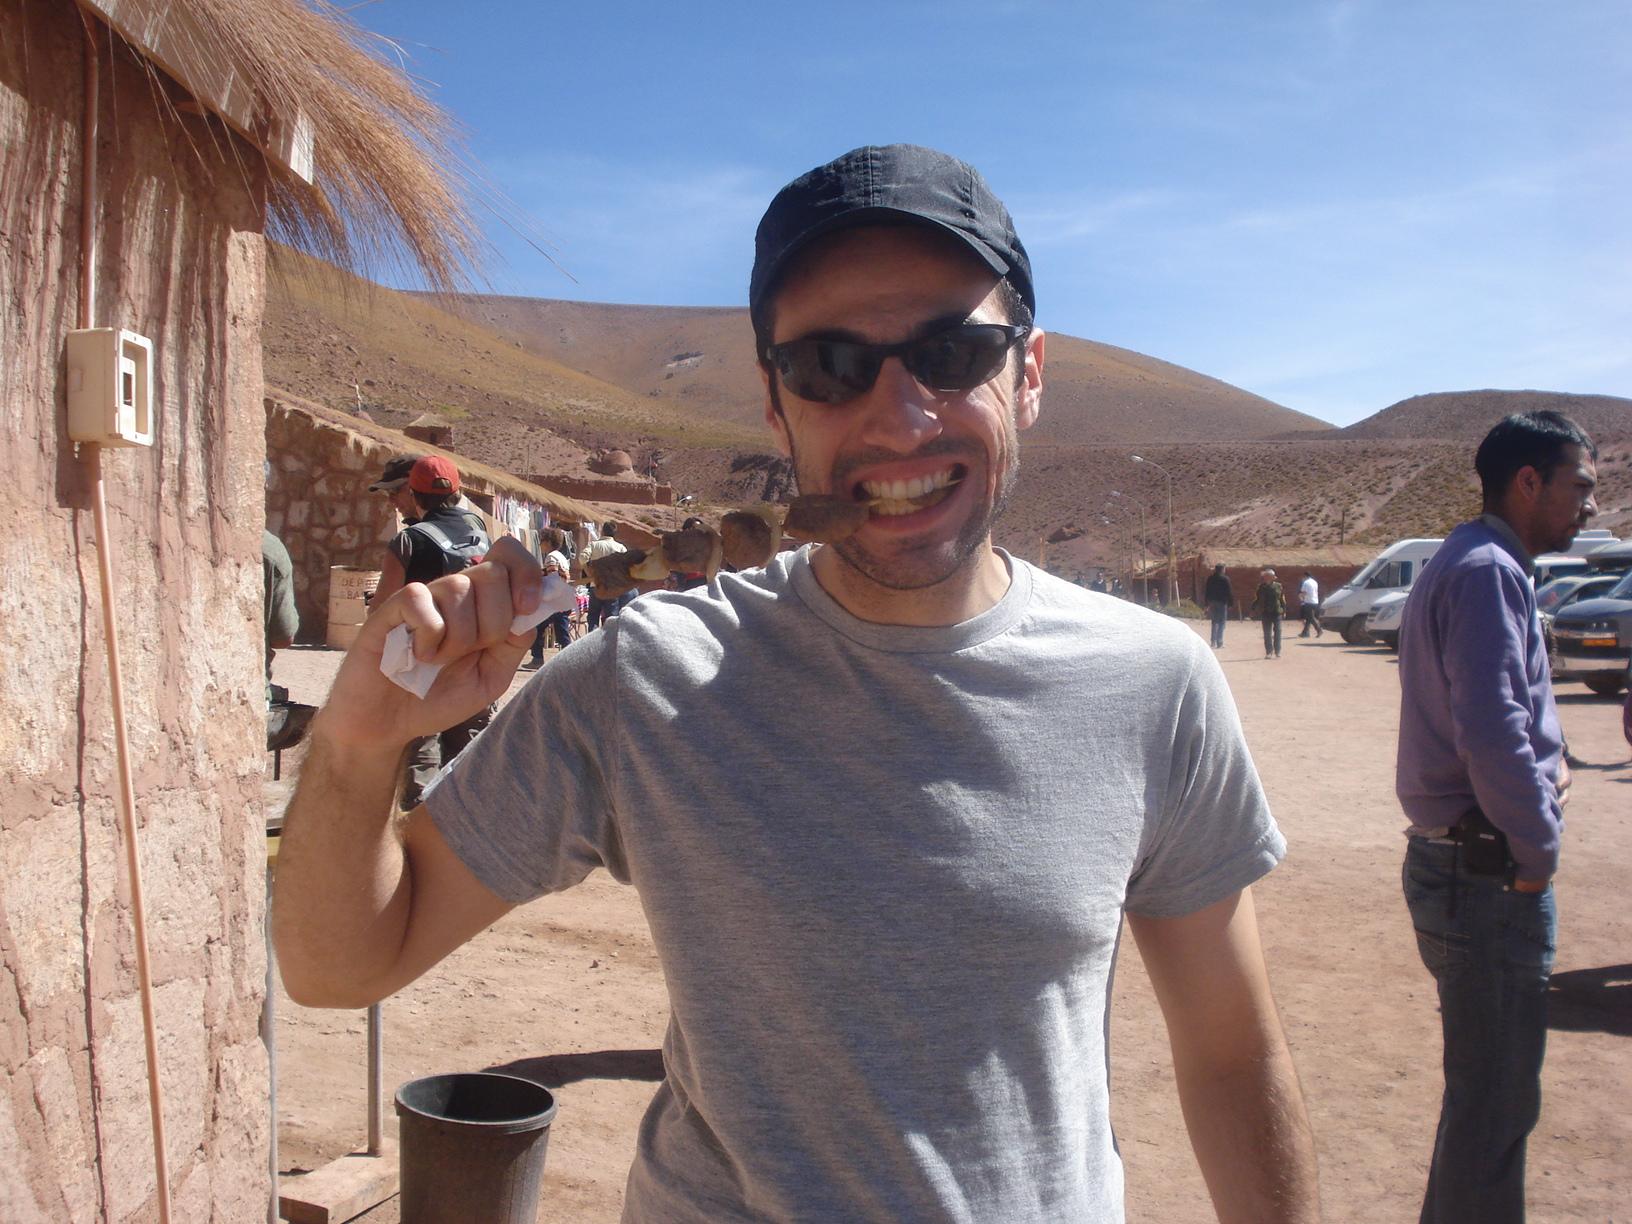 Foto Bônus - Comendo carne de Llama no meio do deserto do Atacama, Chile